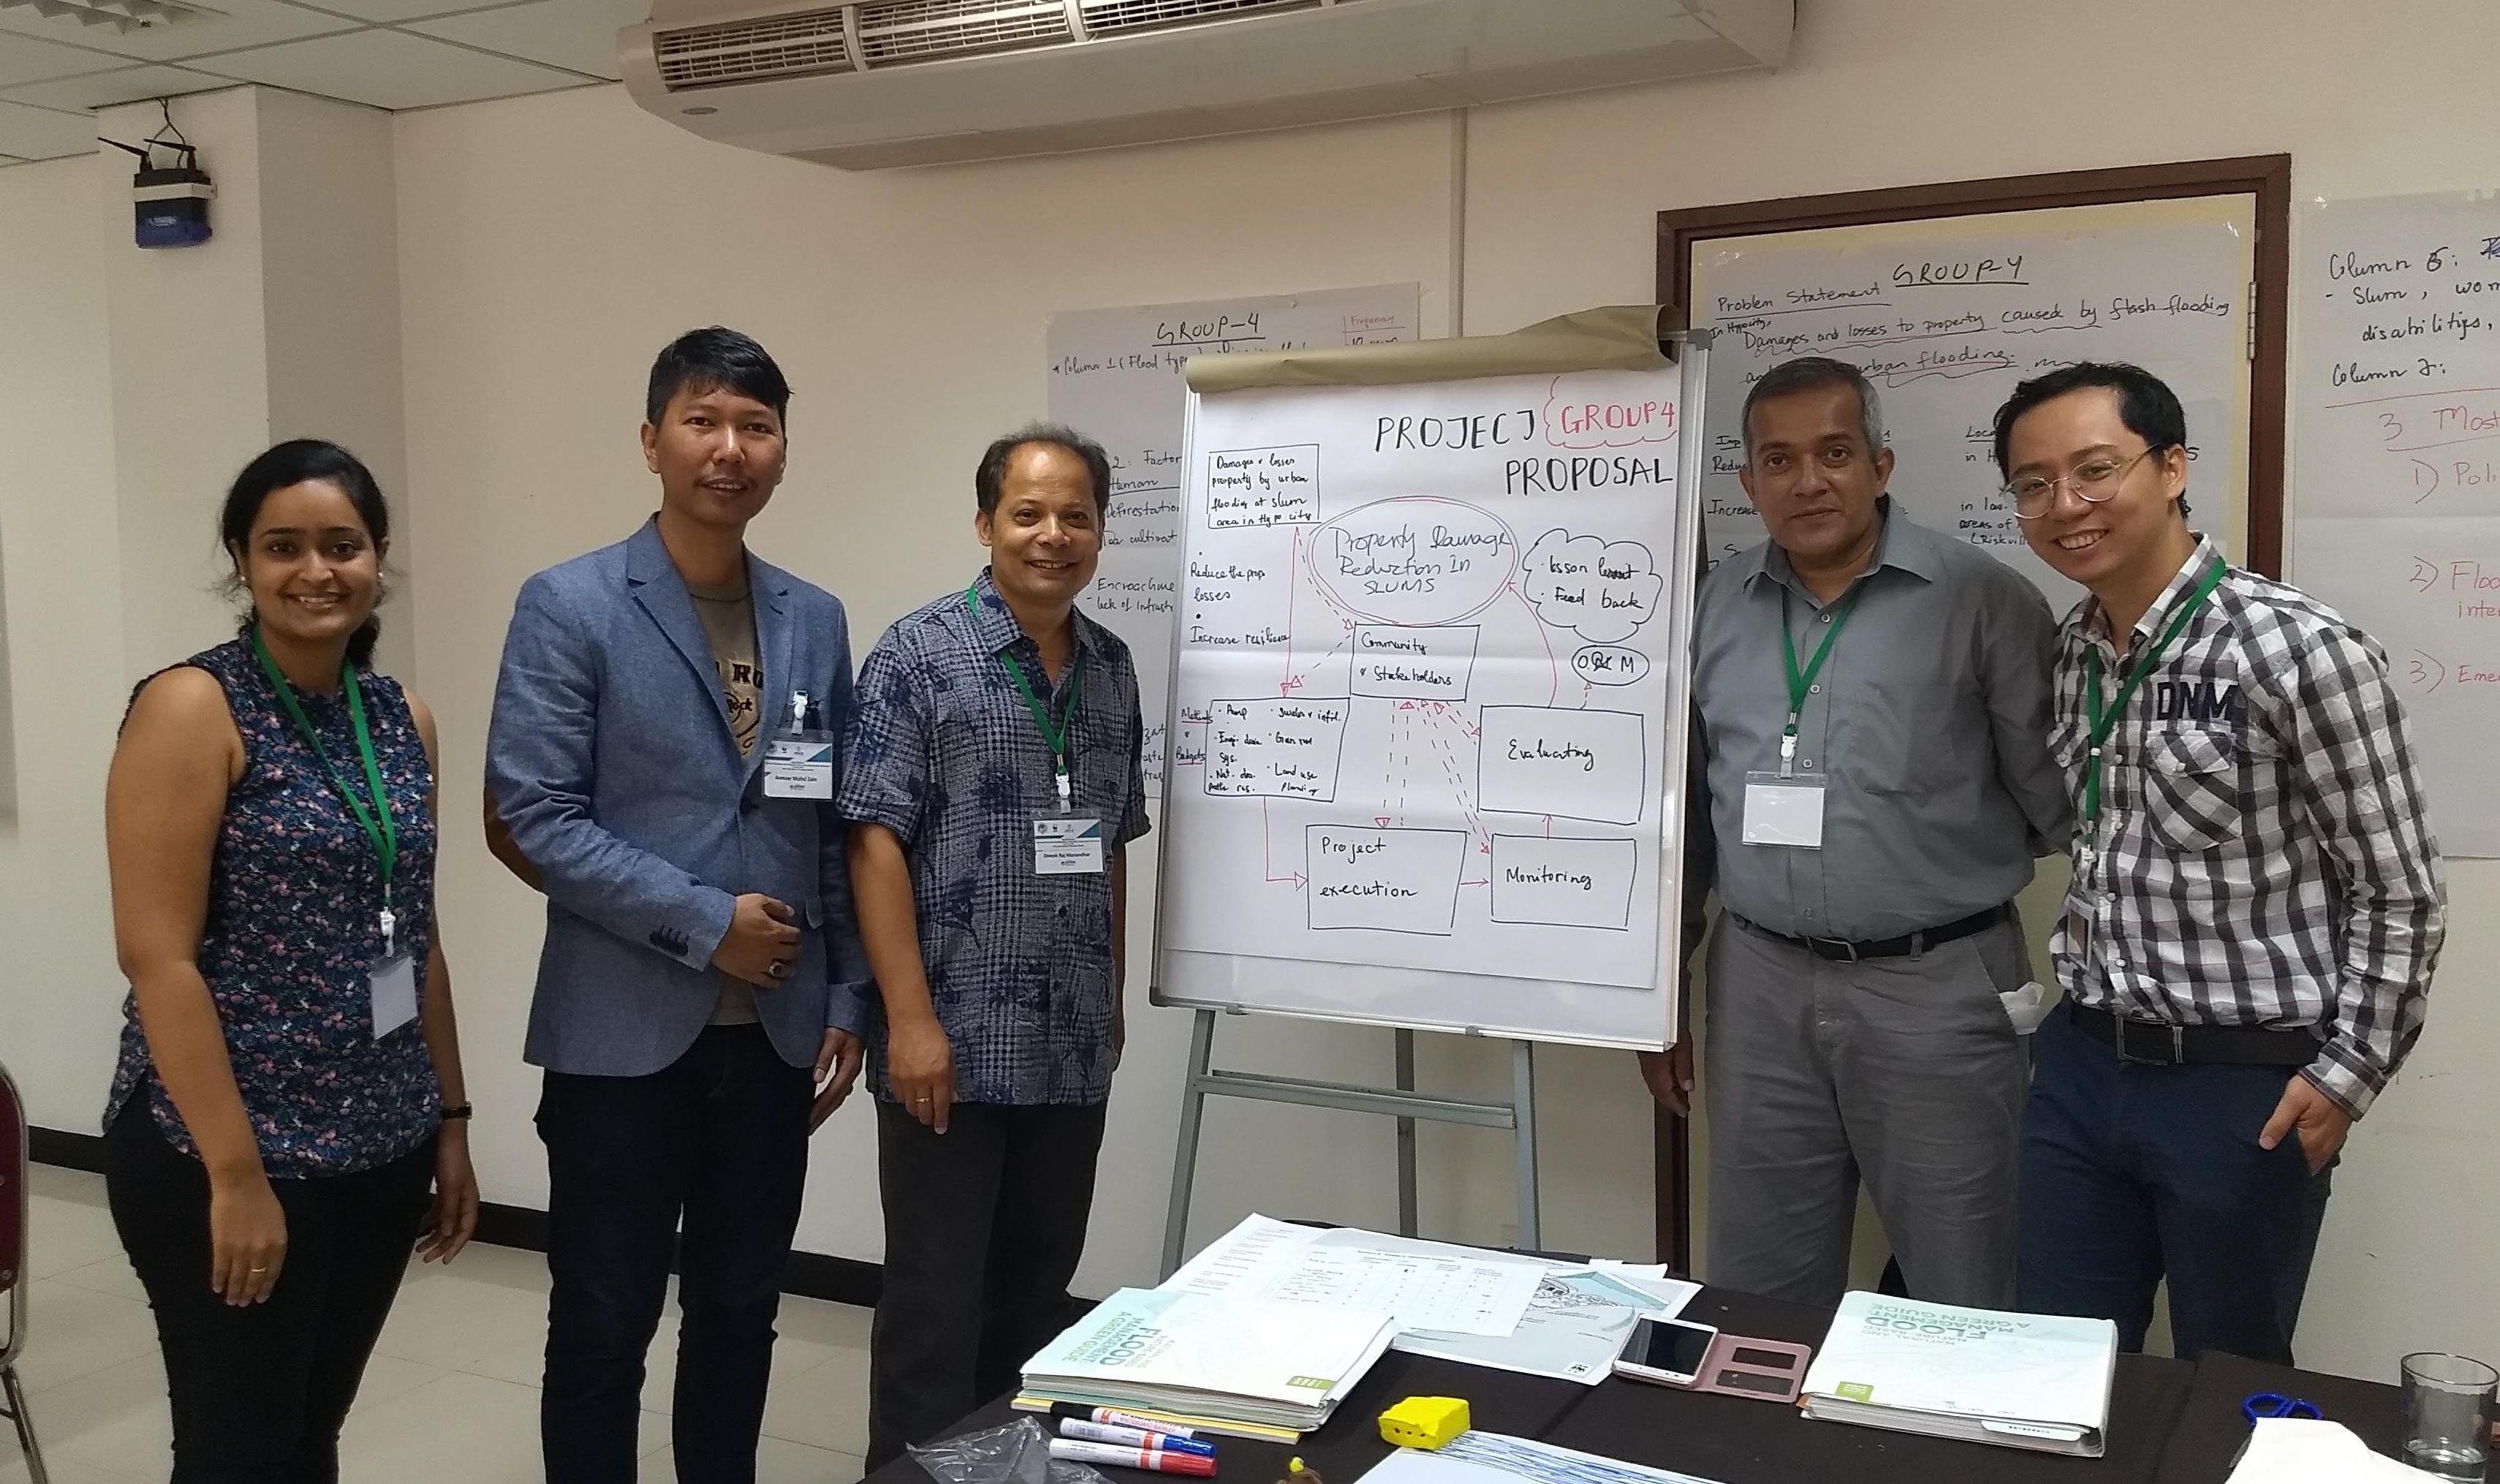 Vidya Shares Social Science Methods at Interdisciplinary Workshops